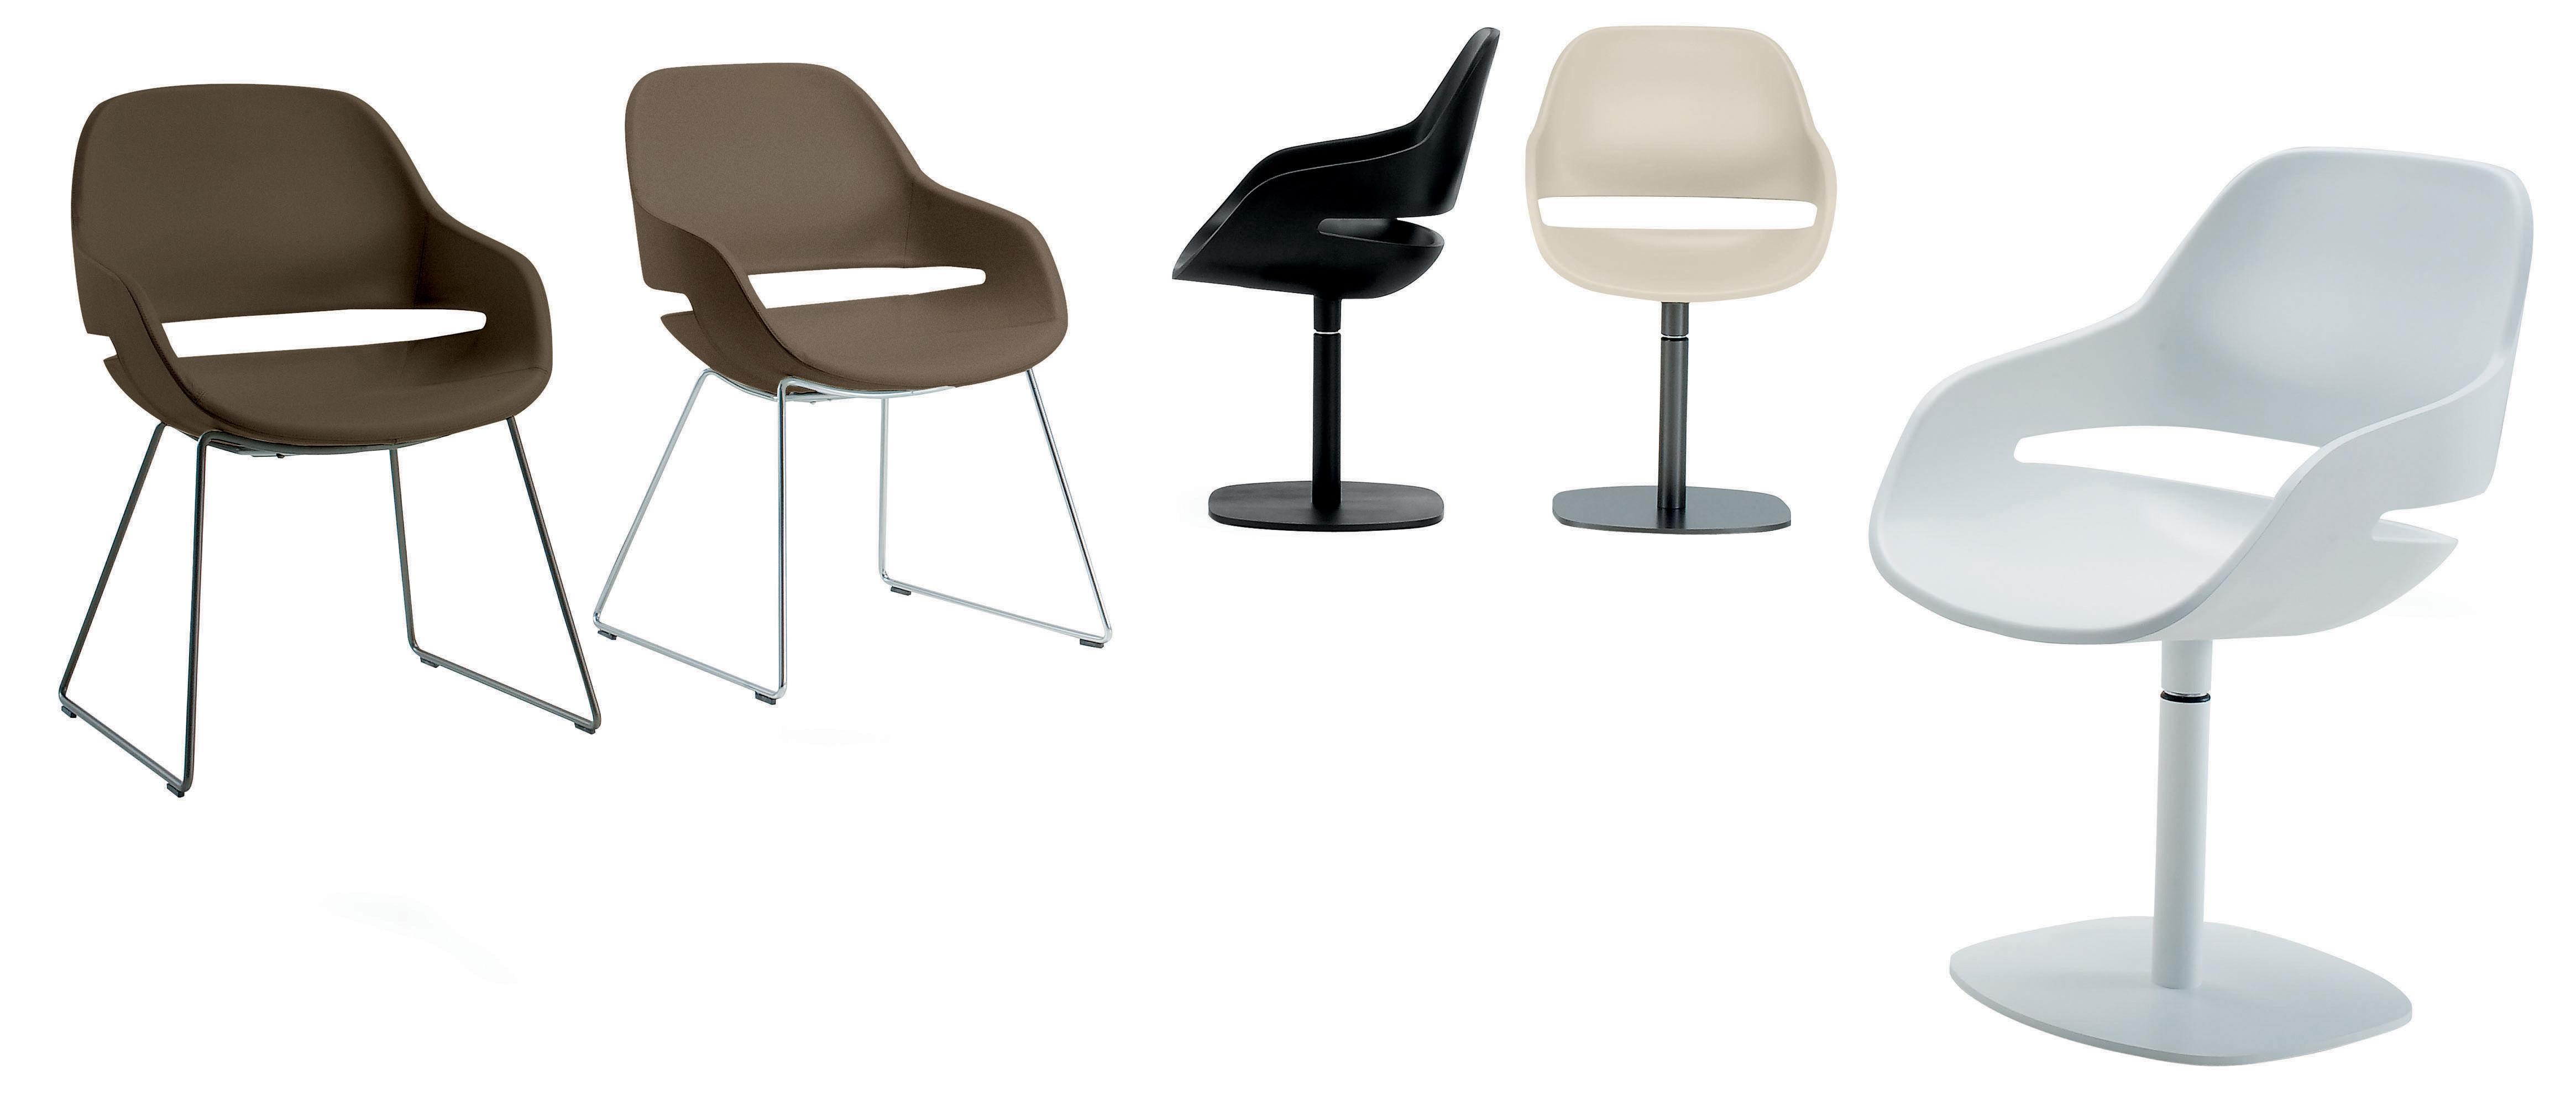 fauteuil pivotant eva coque polyur thane pied m tal pied noir coque noire zanotta. Black Bedroom Furniture Sets. Home Design Ideas